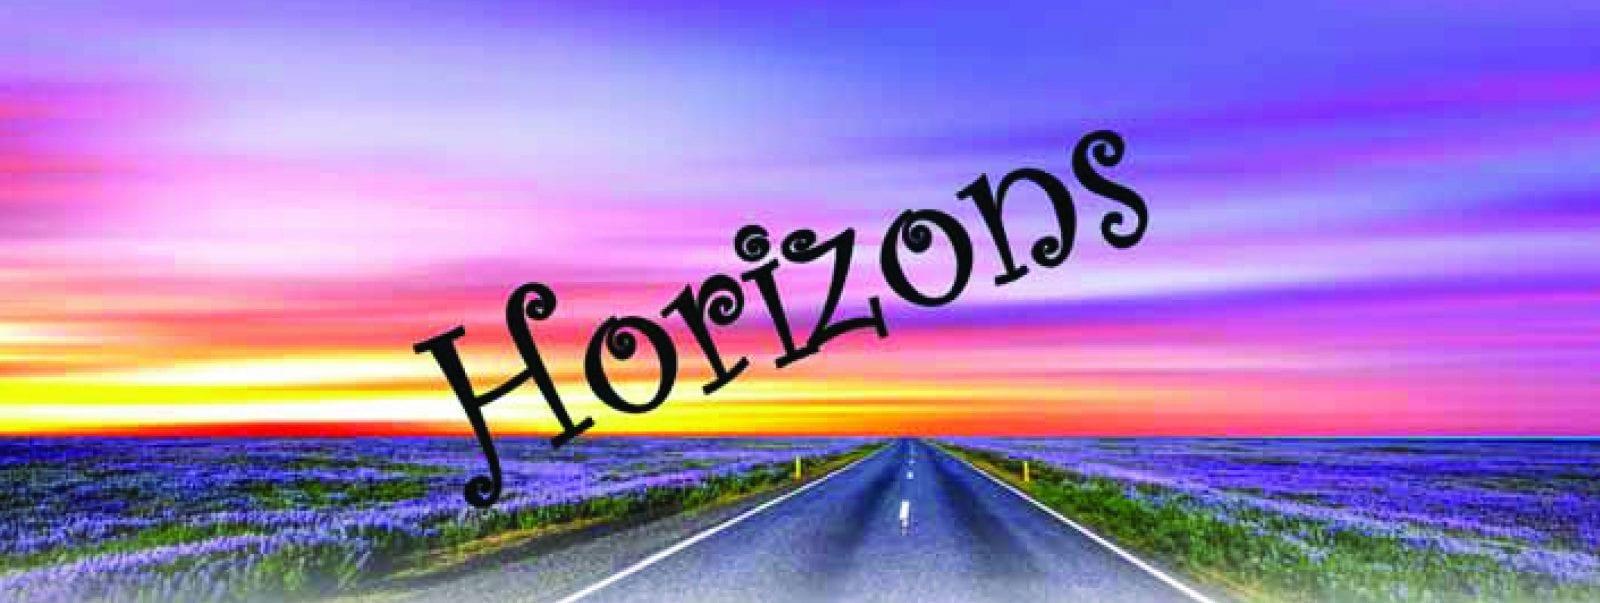 NCR Symposium 2019 Horizons